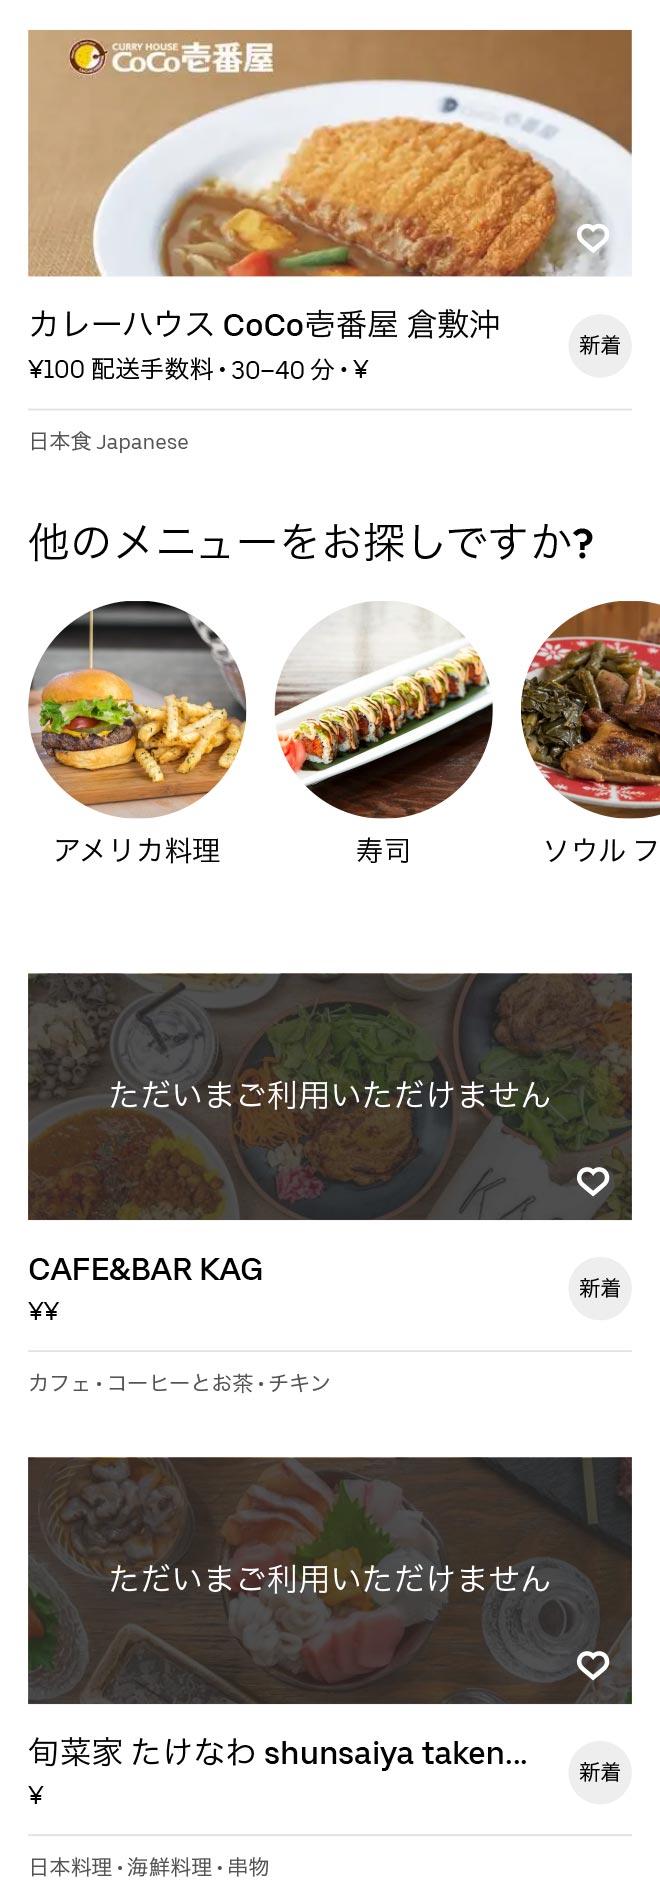 Kurashiki menu 2010 3